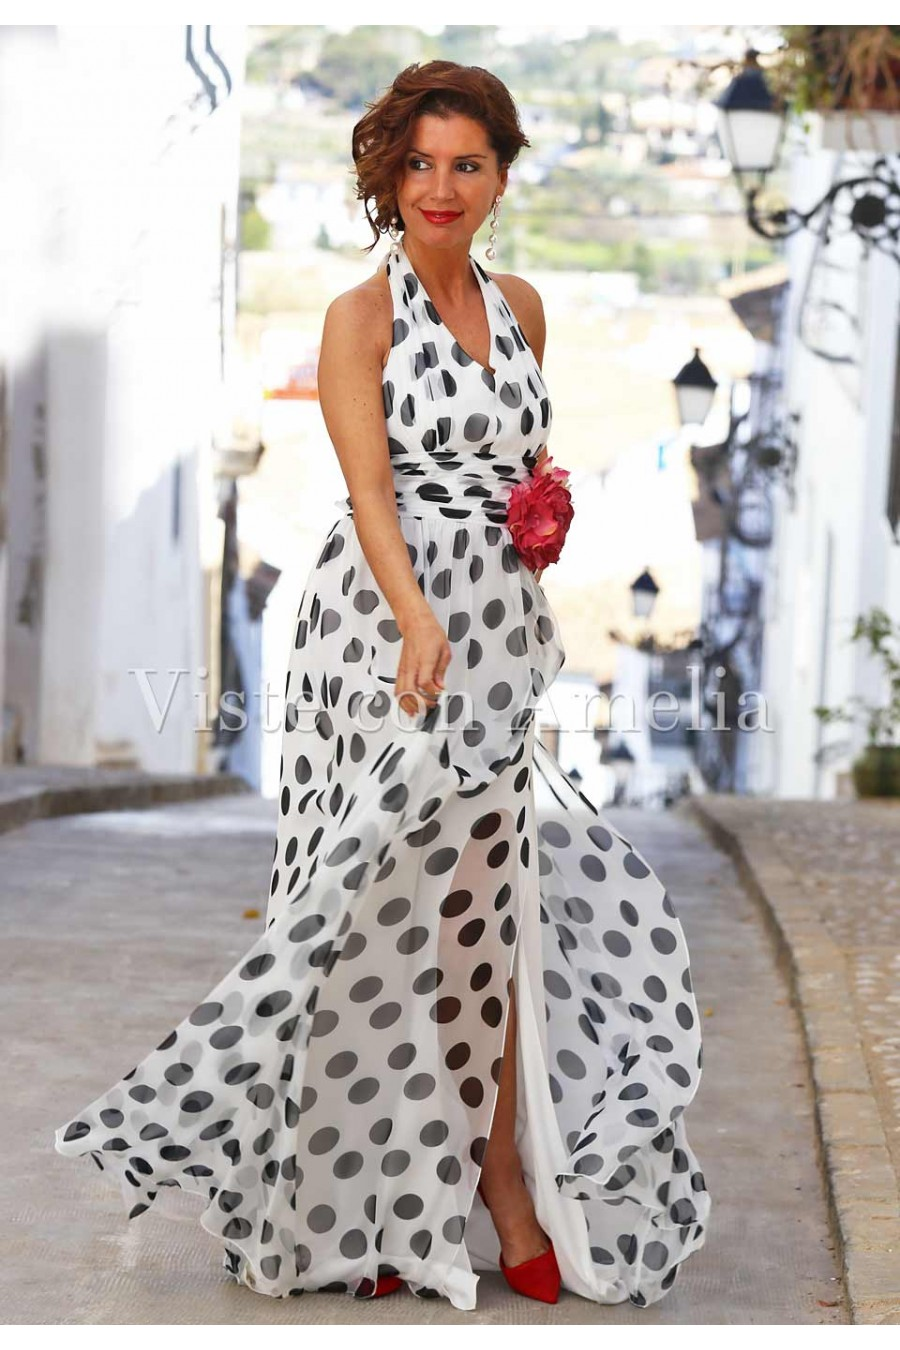 Vestidos largos para mujer… ¡y a presumir!